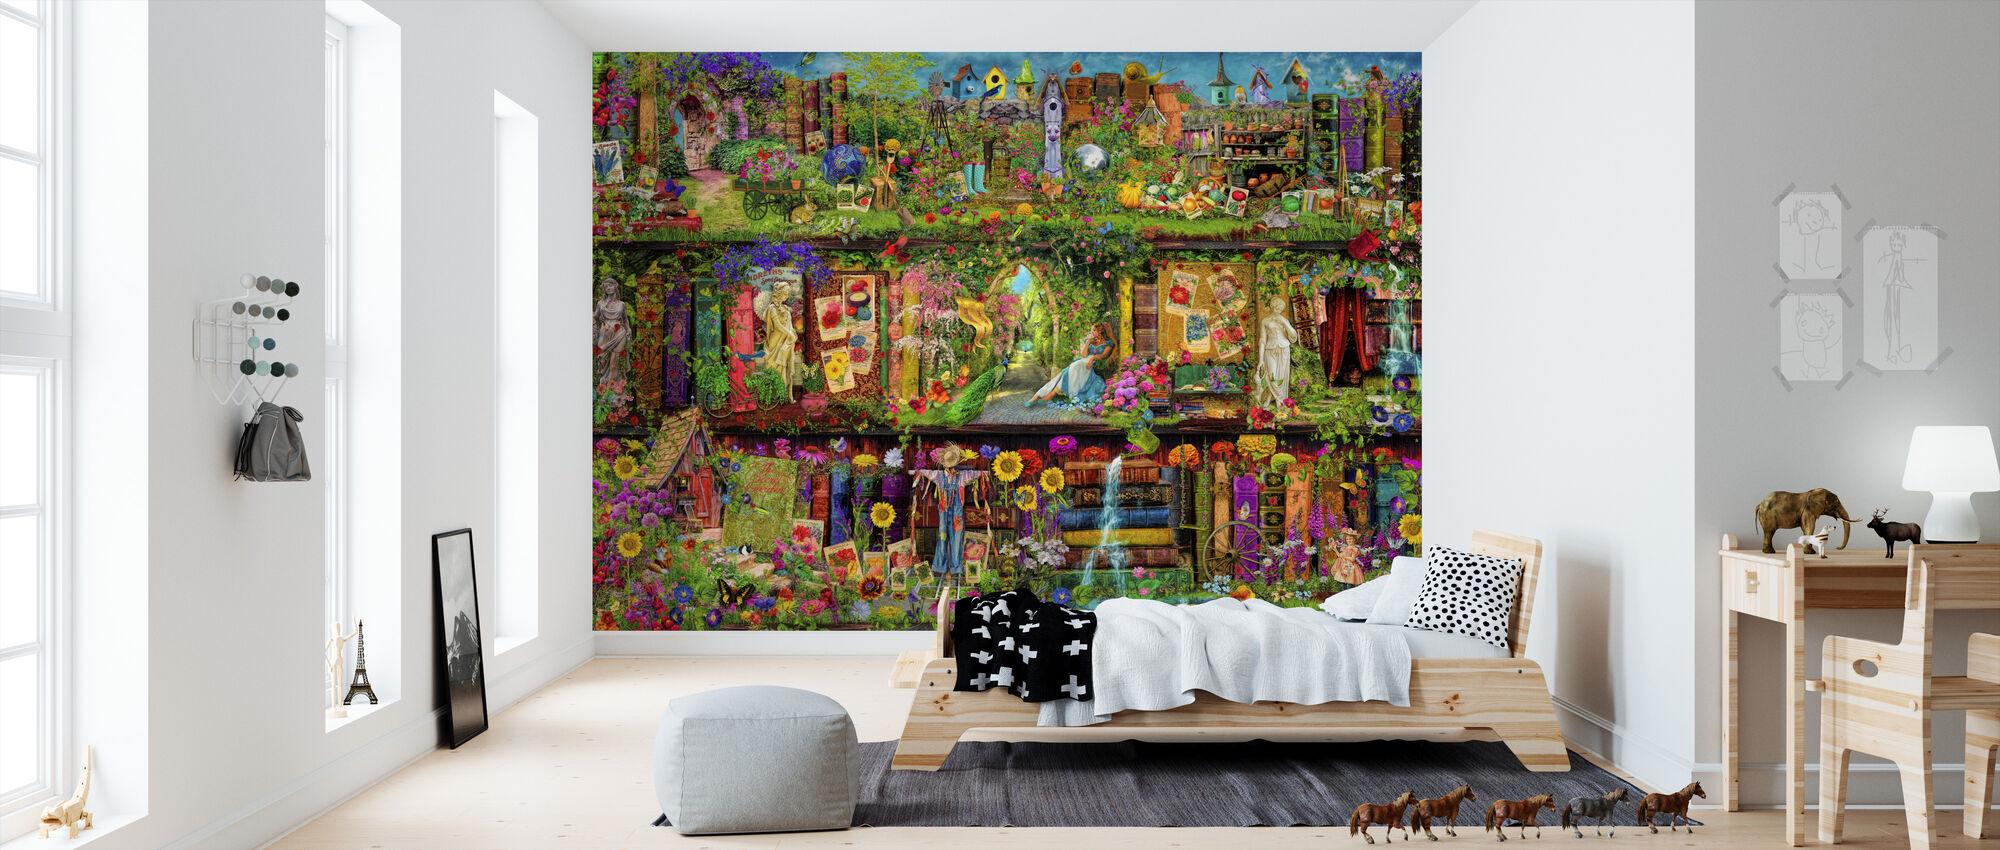 Das Gartenregal - Tapete - Kinderzimmer